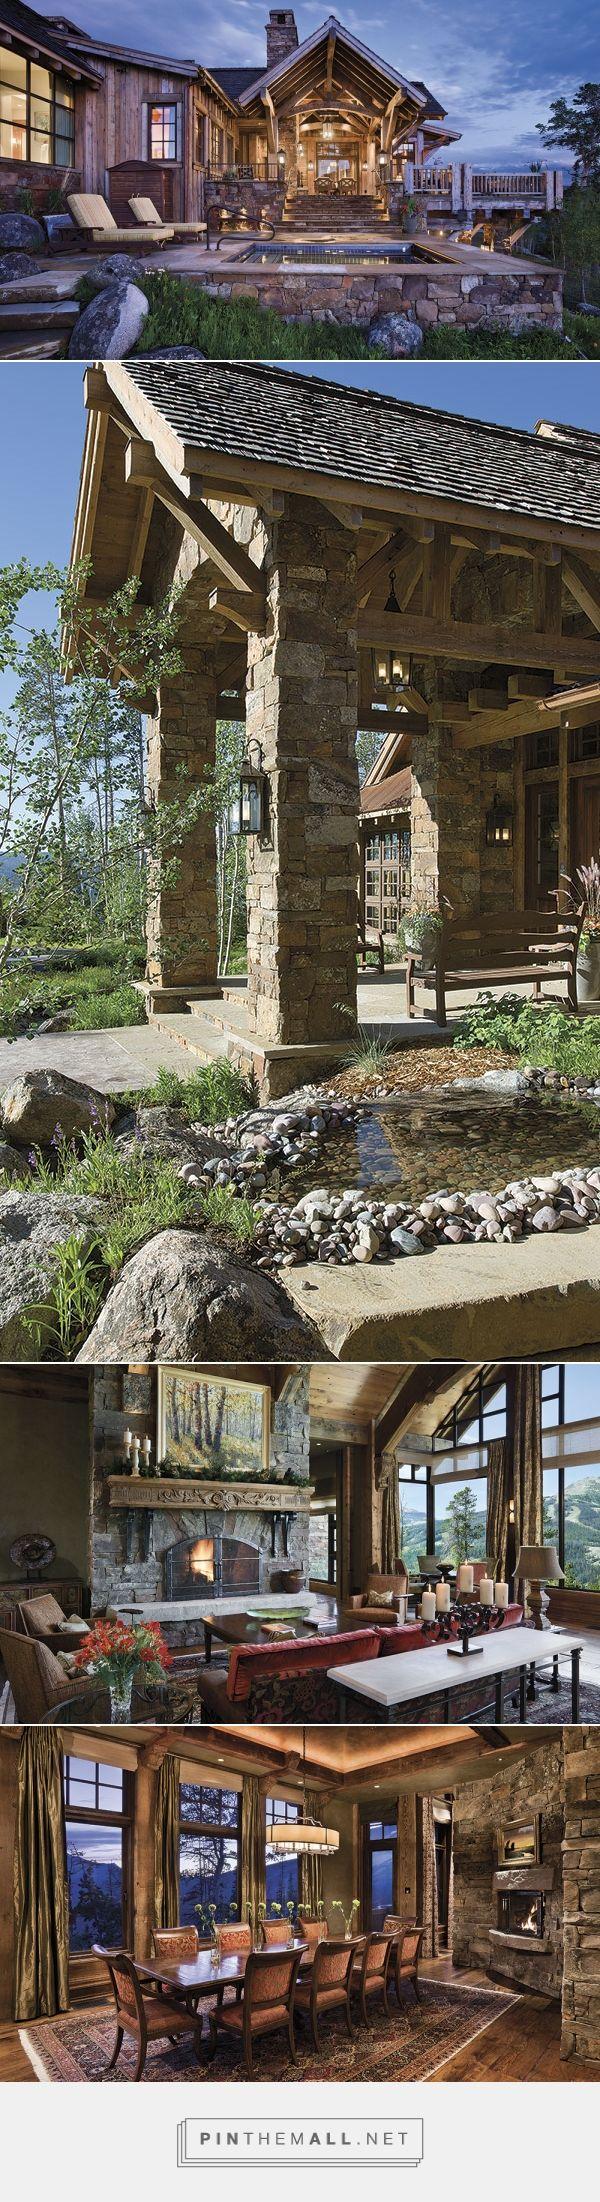 Beautiful mountain lodge in Yellowstone Club, Montana - Cowgirl Magazine